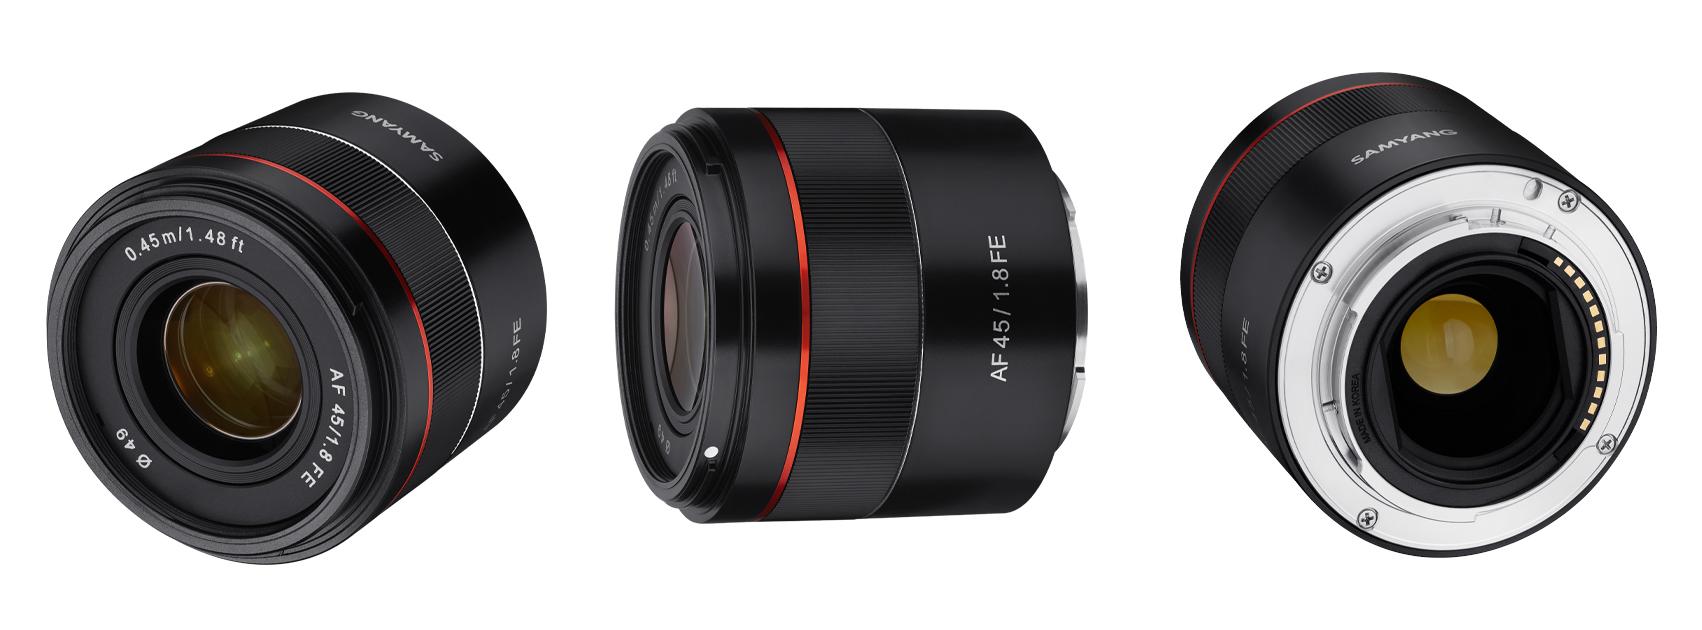 Samyang tutvustab uut objektiivi AF 45mm f/1.8 Sony FE / E kaameratele